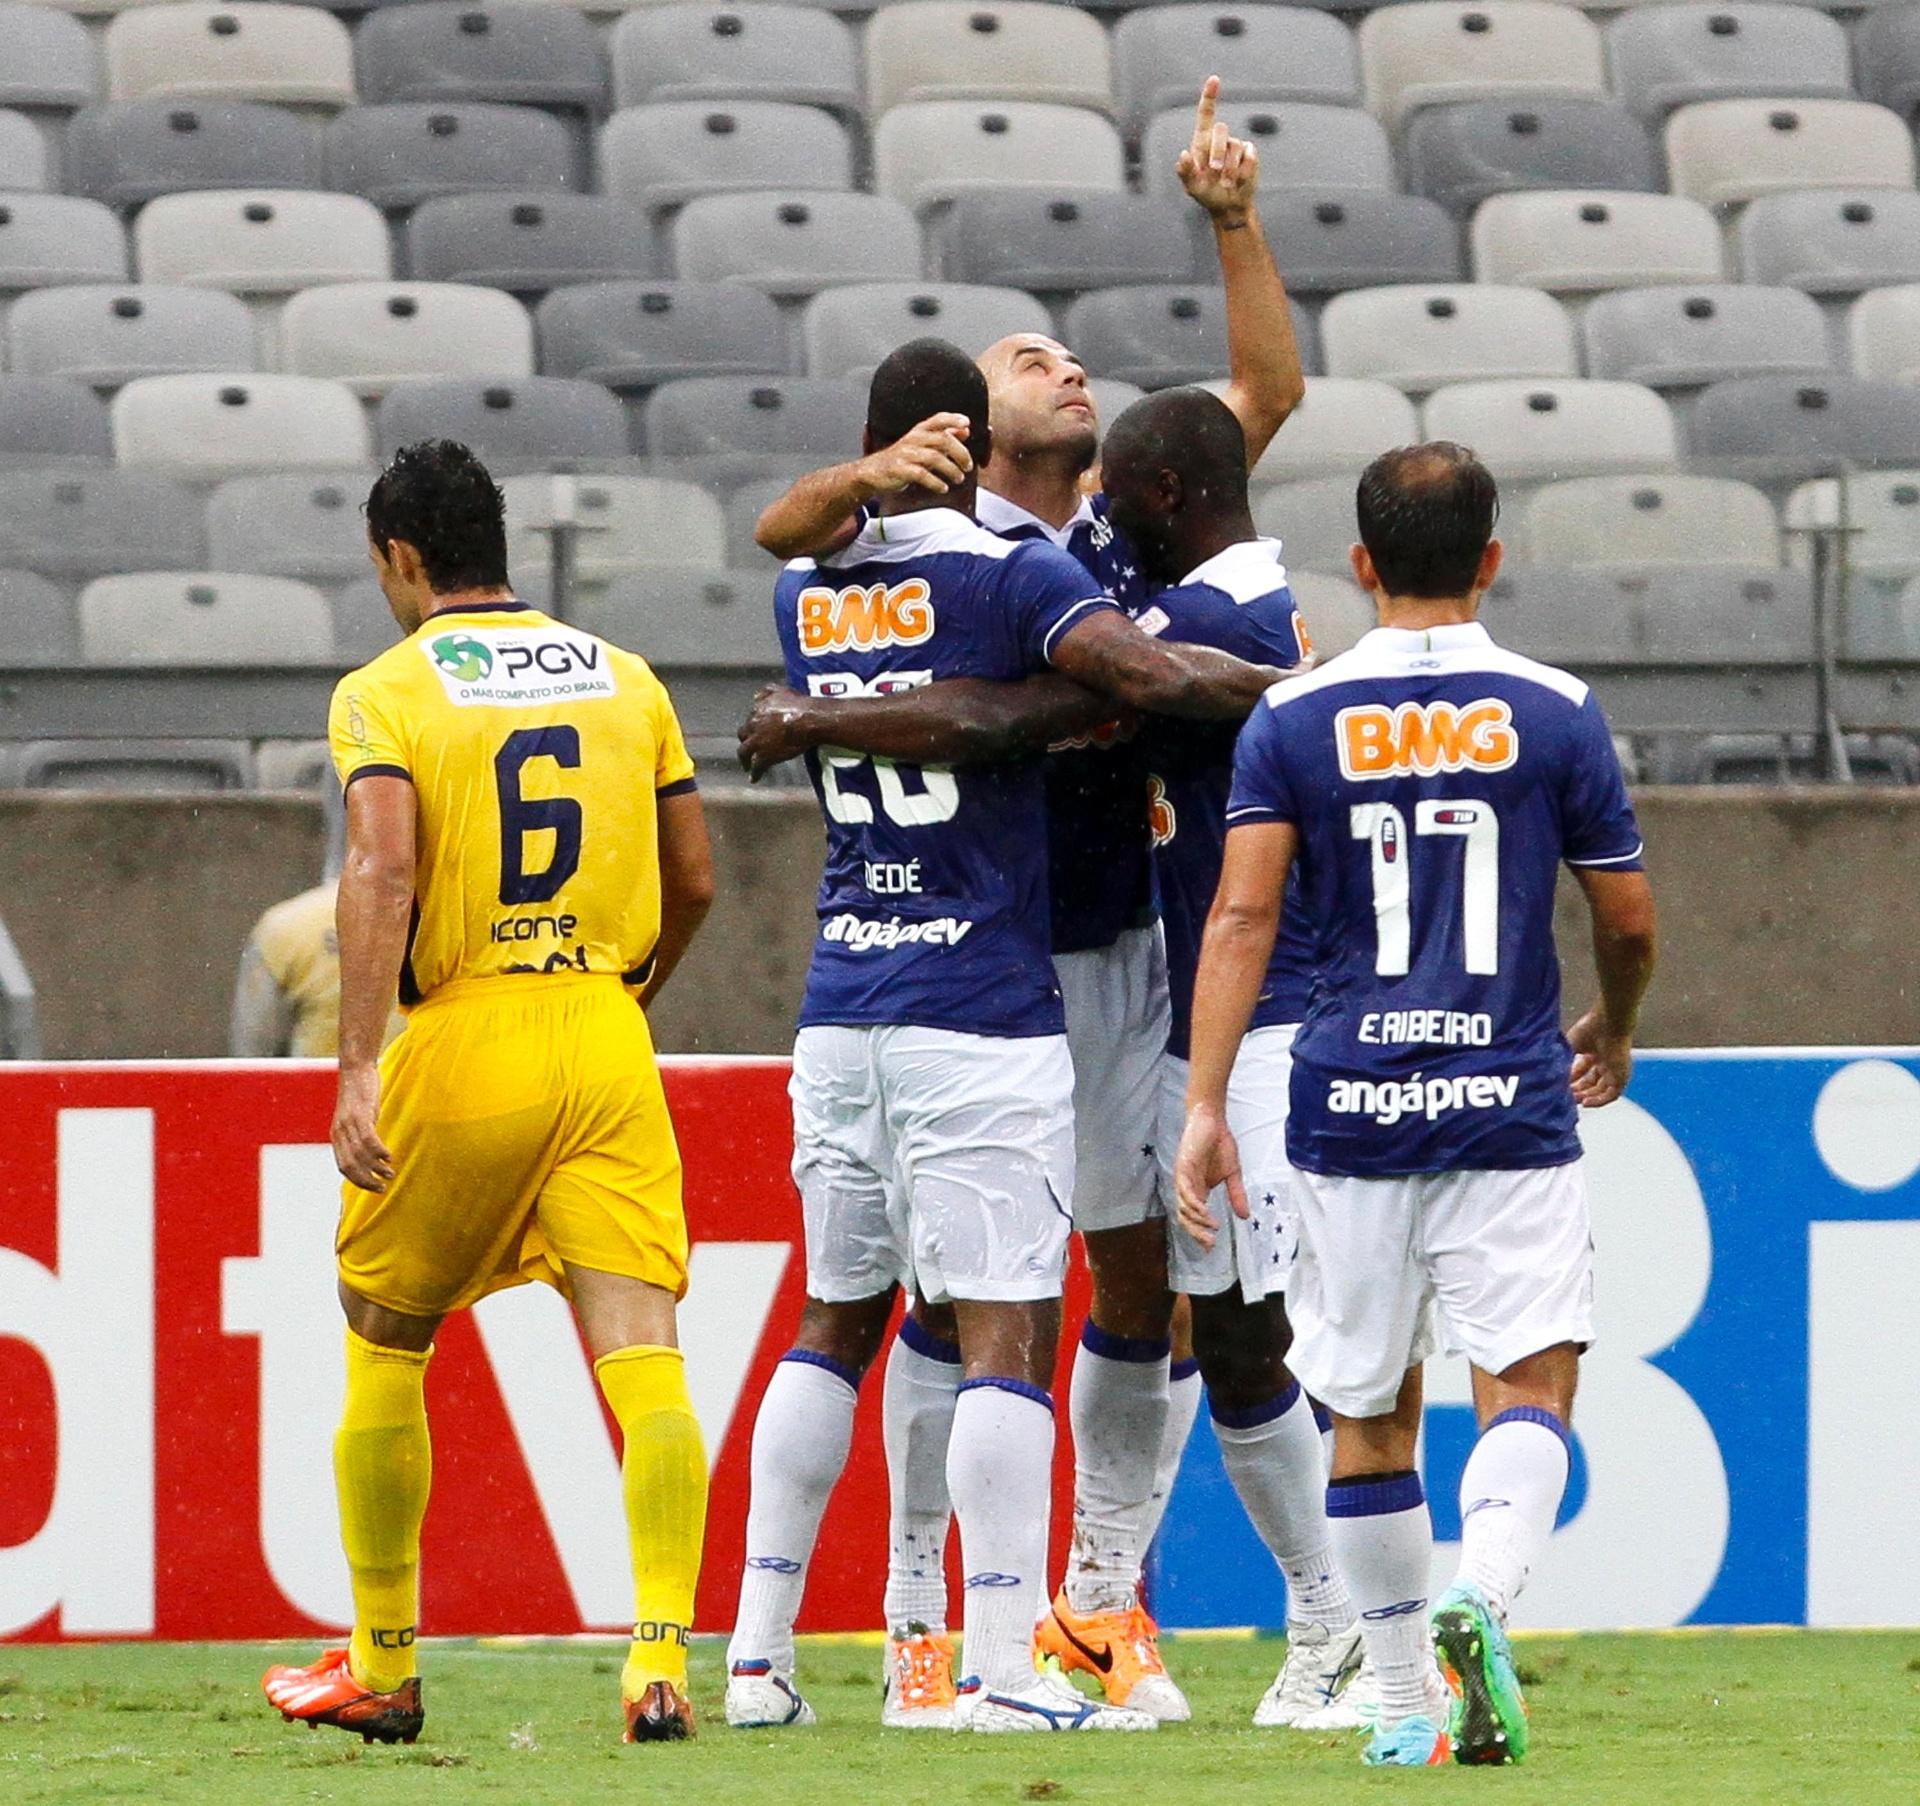 afaed177c29 Cruzeiro pega Tupi em  teste  para Libertadores e quer garantir 1º lugar  antecipado - 08 03 2014 - UOL Esporte